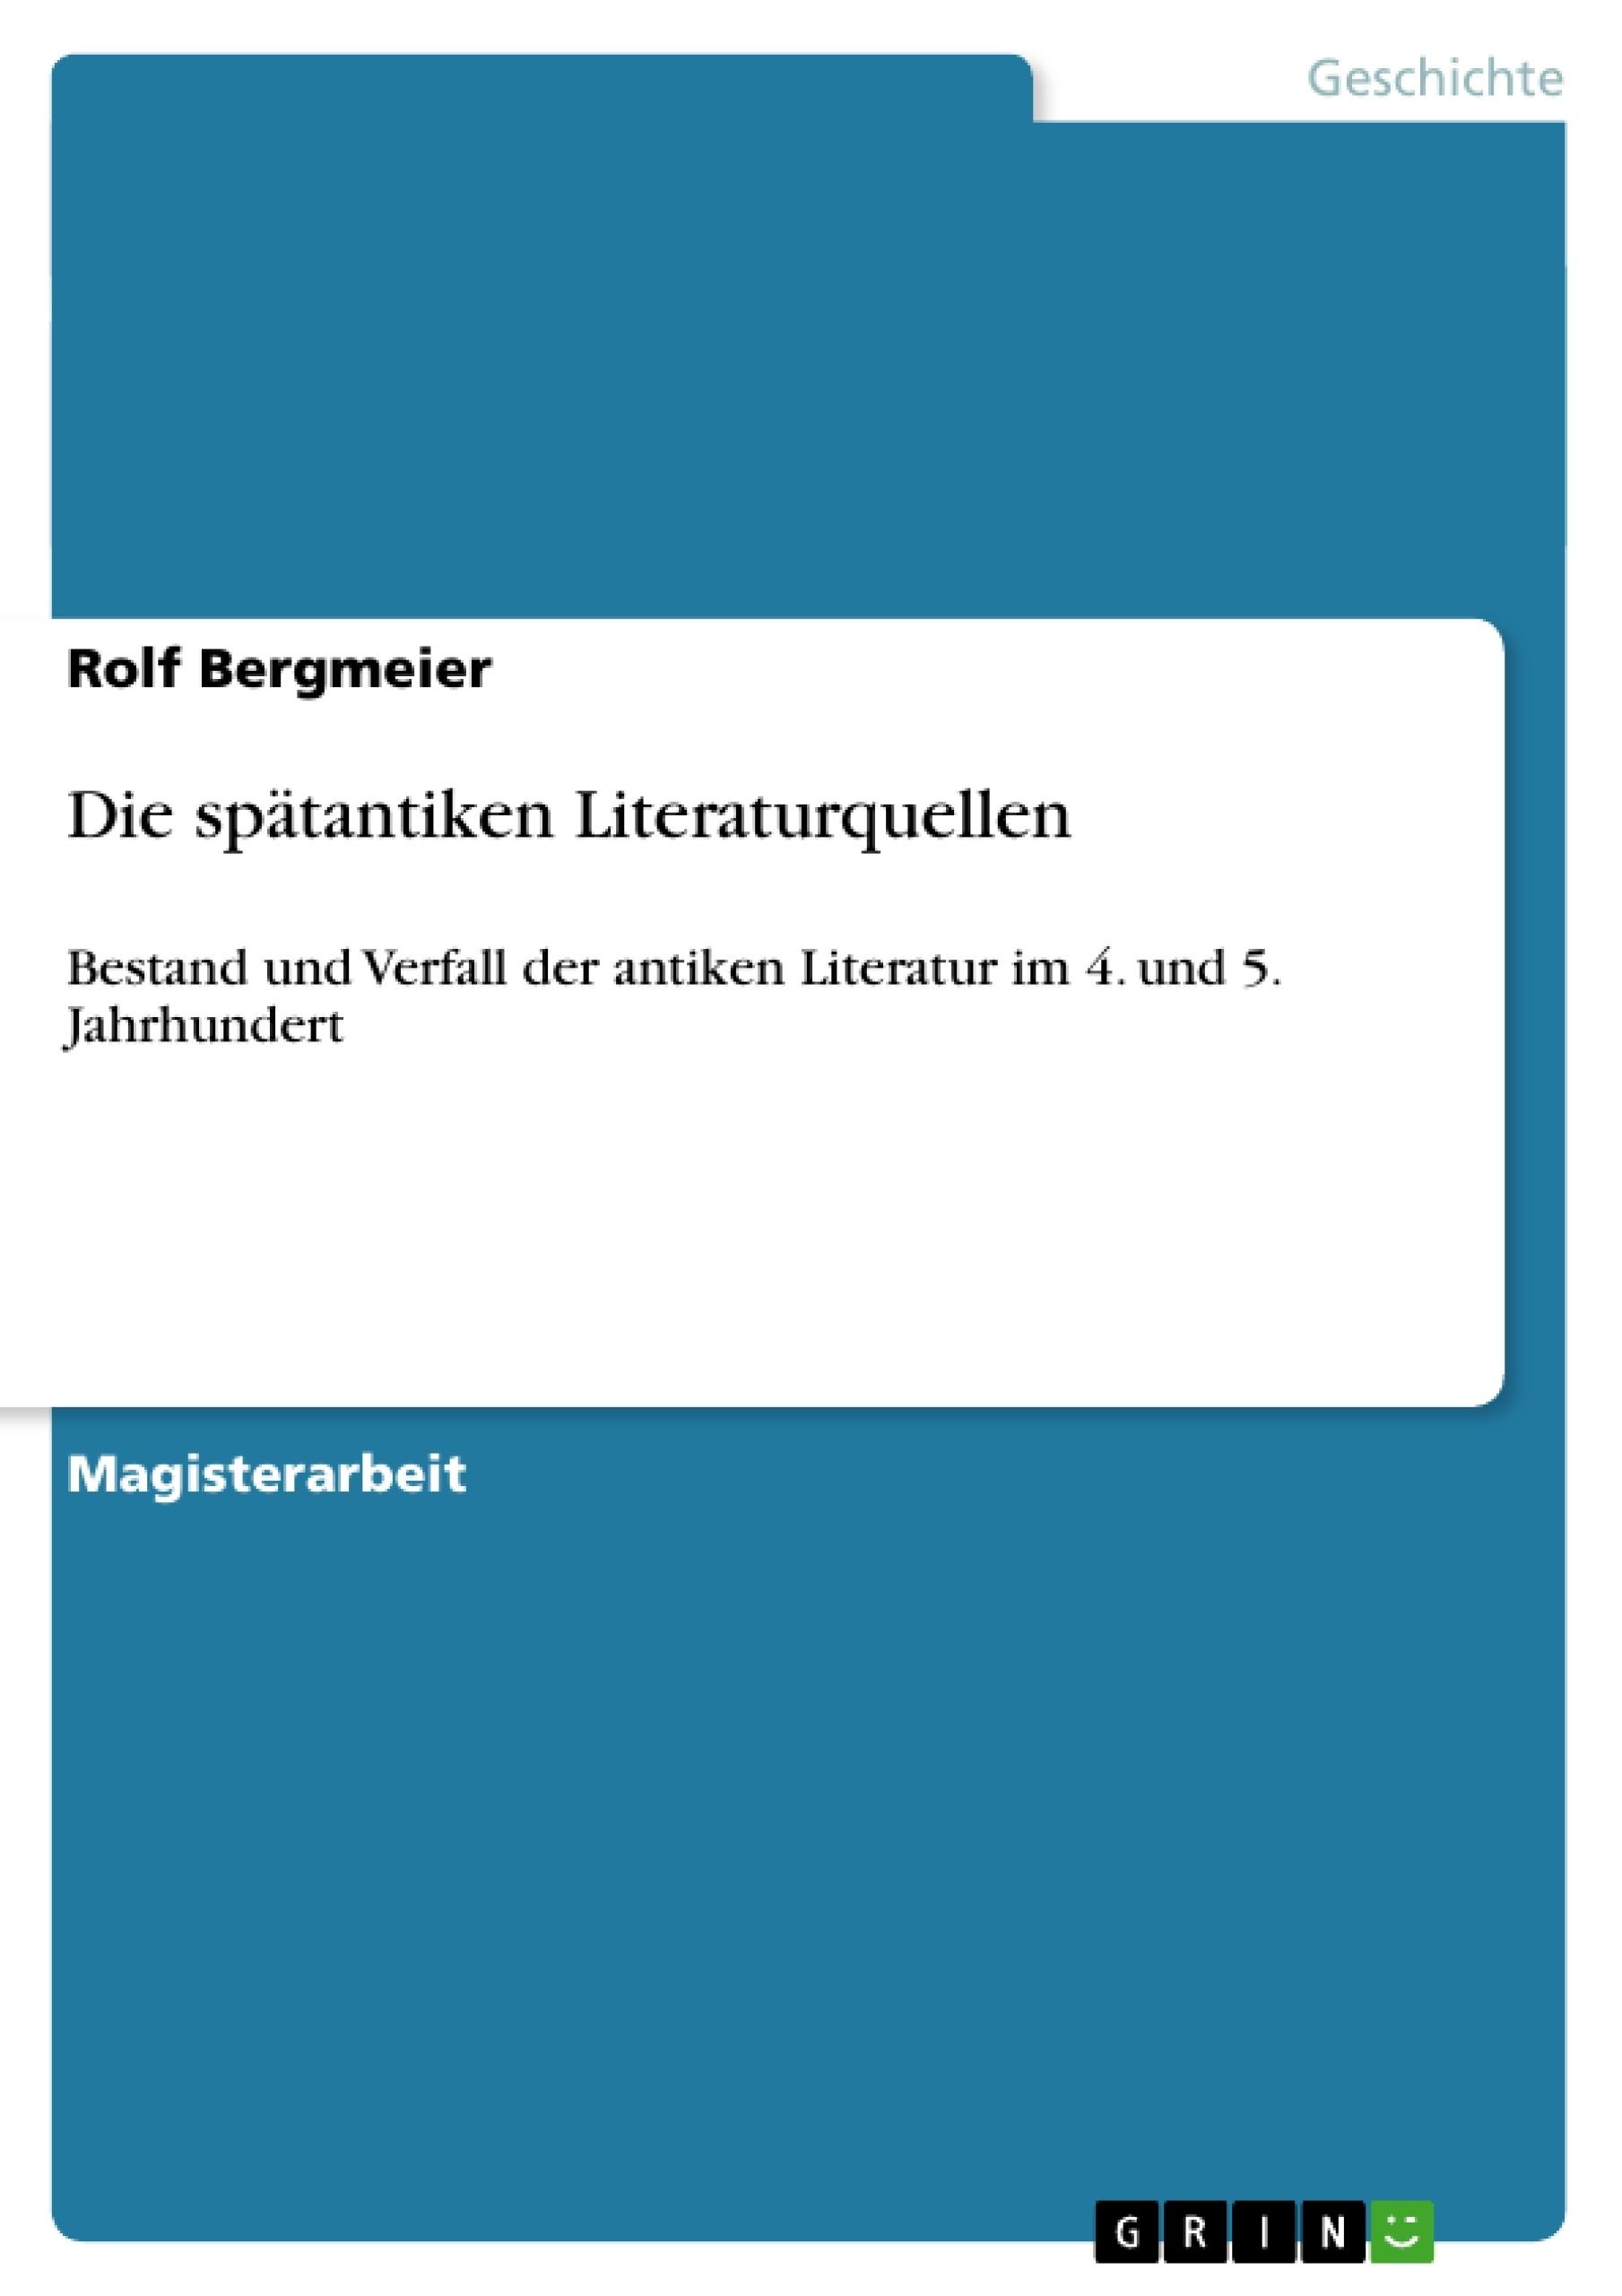 Die spätantiken Literaturquellen | Masterarbeit, Hausarbeit ...